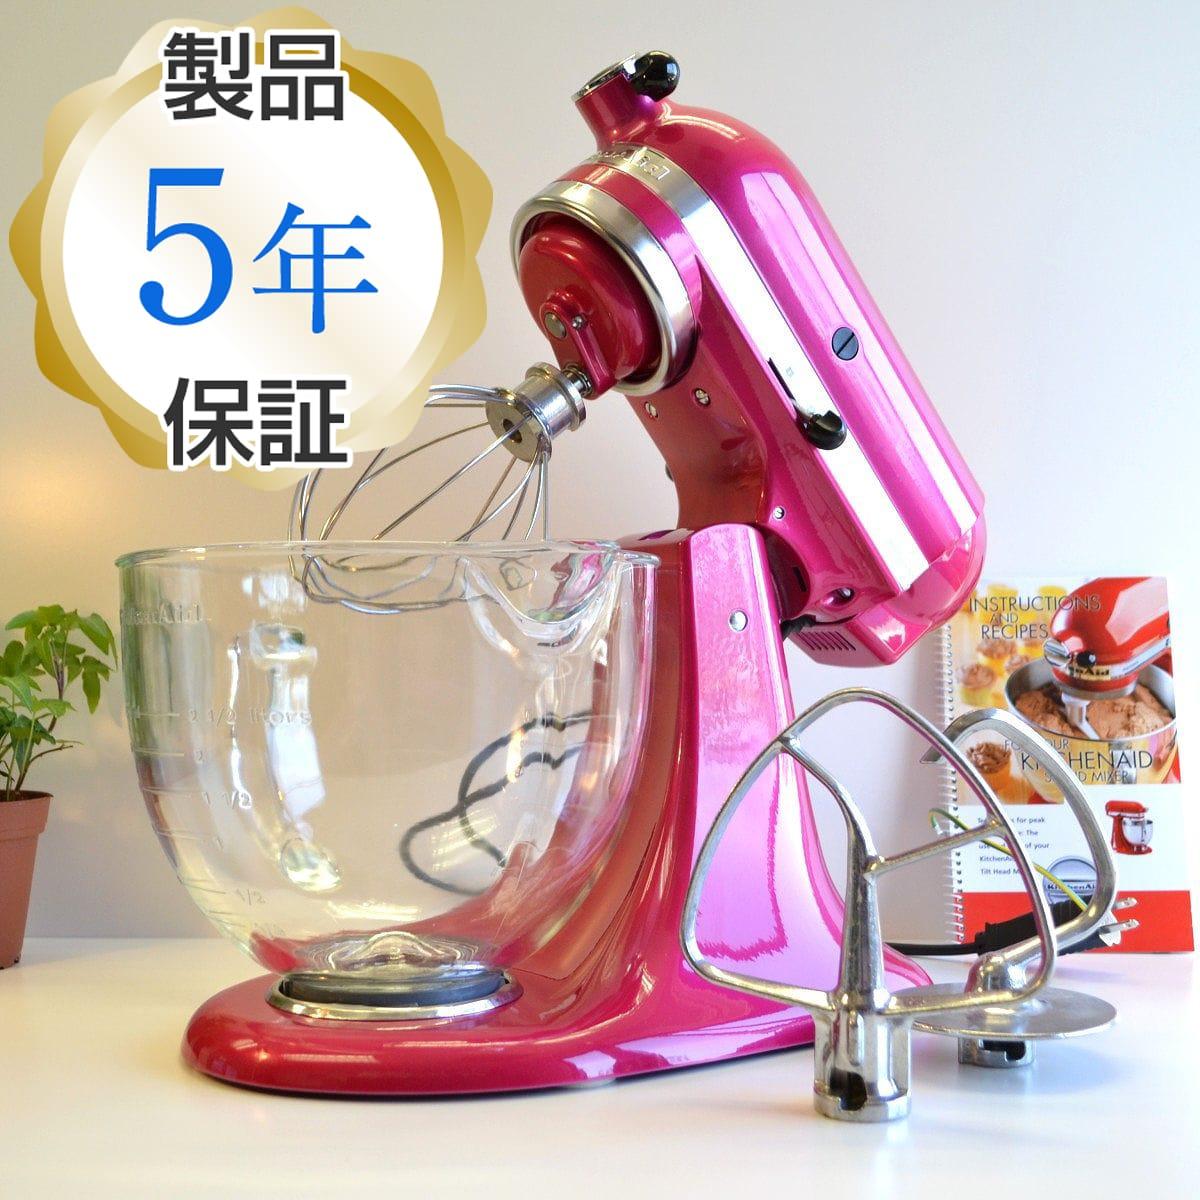 キッチンエイド スタンドミキサー アルチザン 4.8L ガラスボール ラズベリー KitchenAid 5-Quart Artisan Design Series Stand Mixer KSM155GBRI Raspberry Ice 【日本語説明書付】 家電